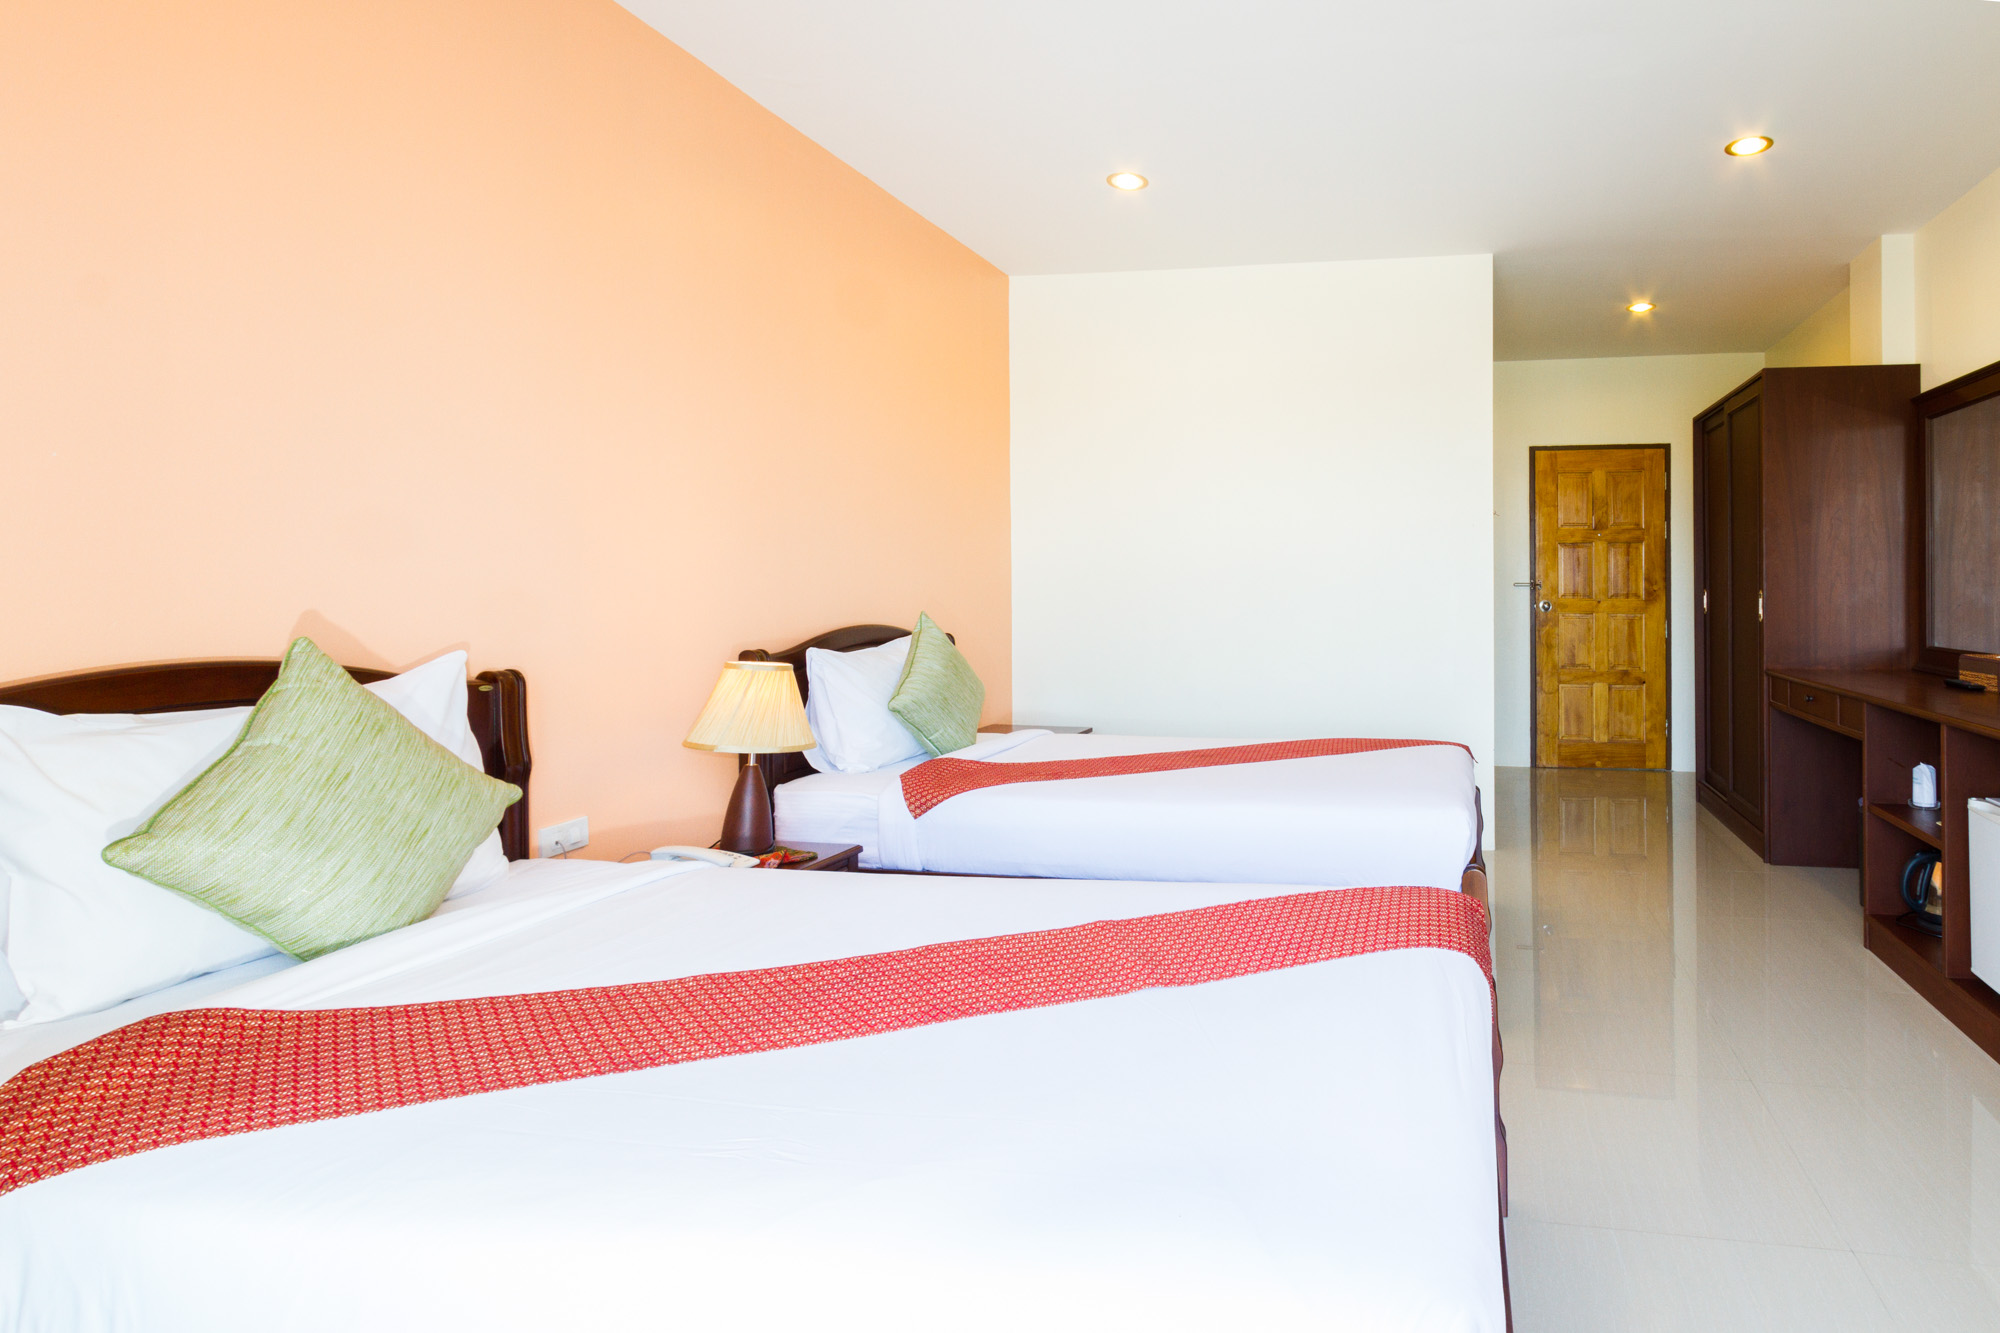 โรงแรมกระบี่เพชรไพลิน เมืองกระบี่  โรงแรมกระบี่เพชรไพลิน โฮเทล (Krabi Phetpailin Hotel) Halal IMG 0184